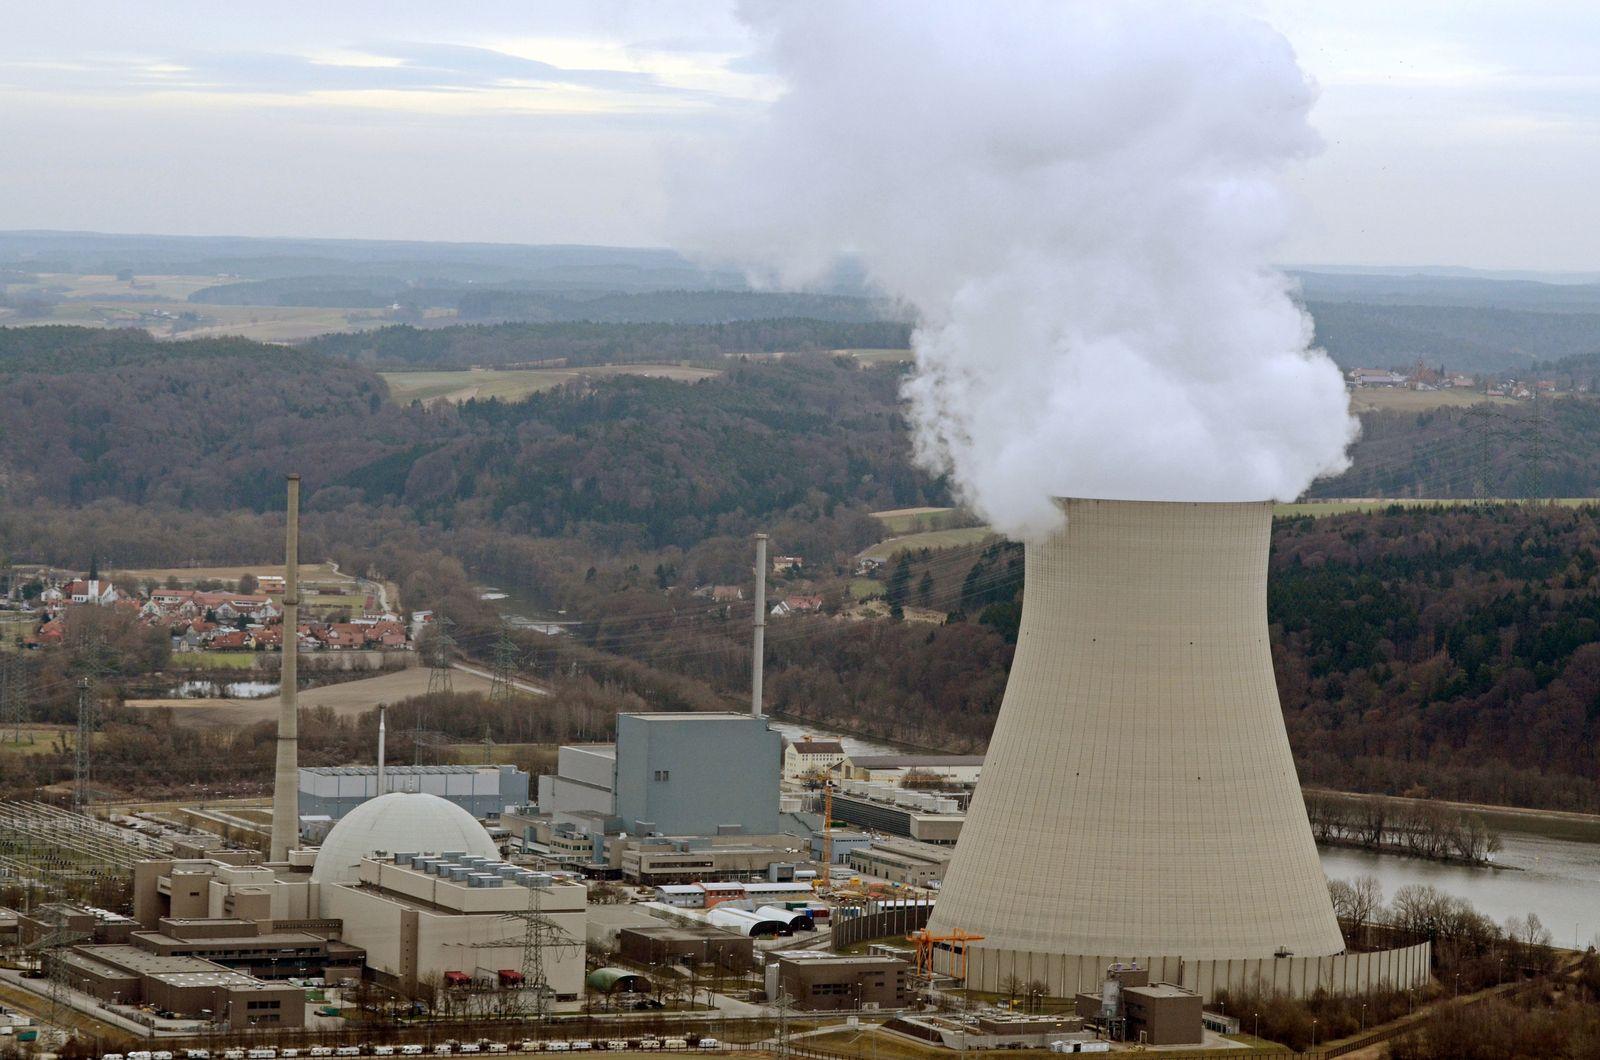 Kernkraftwerk Isar 1 und 2